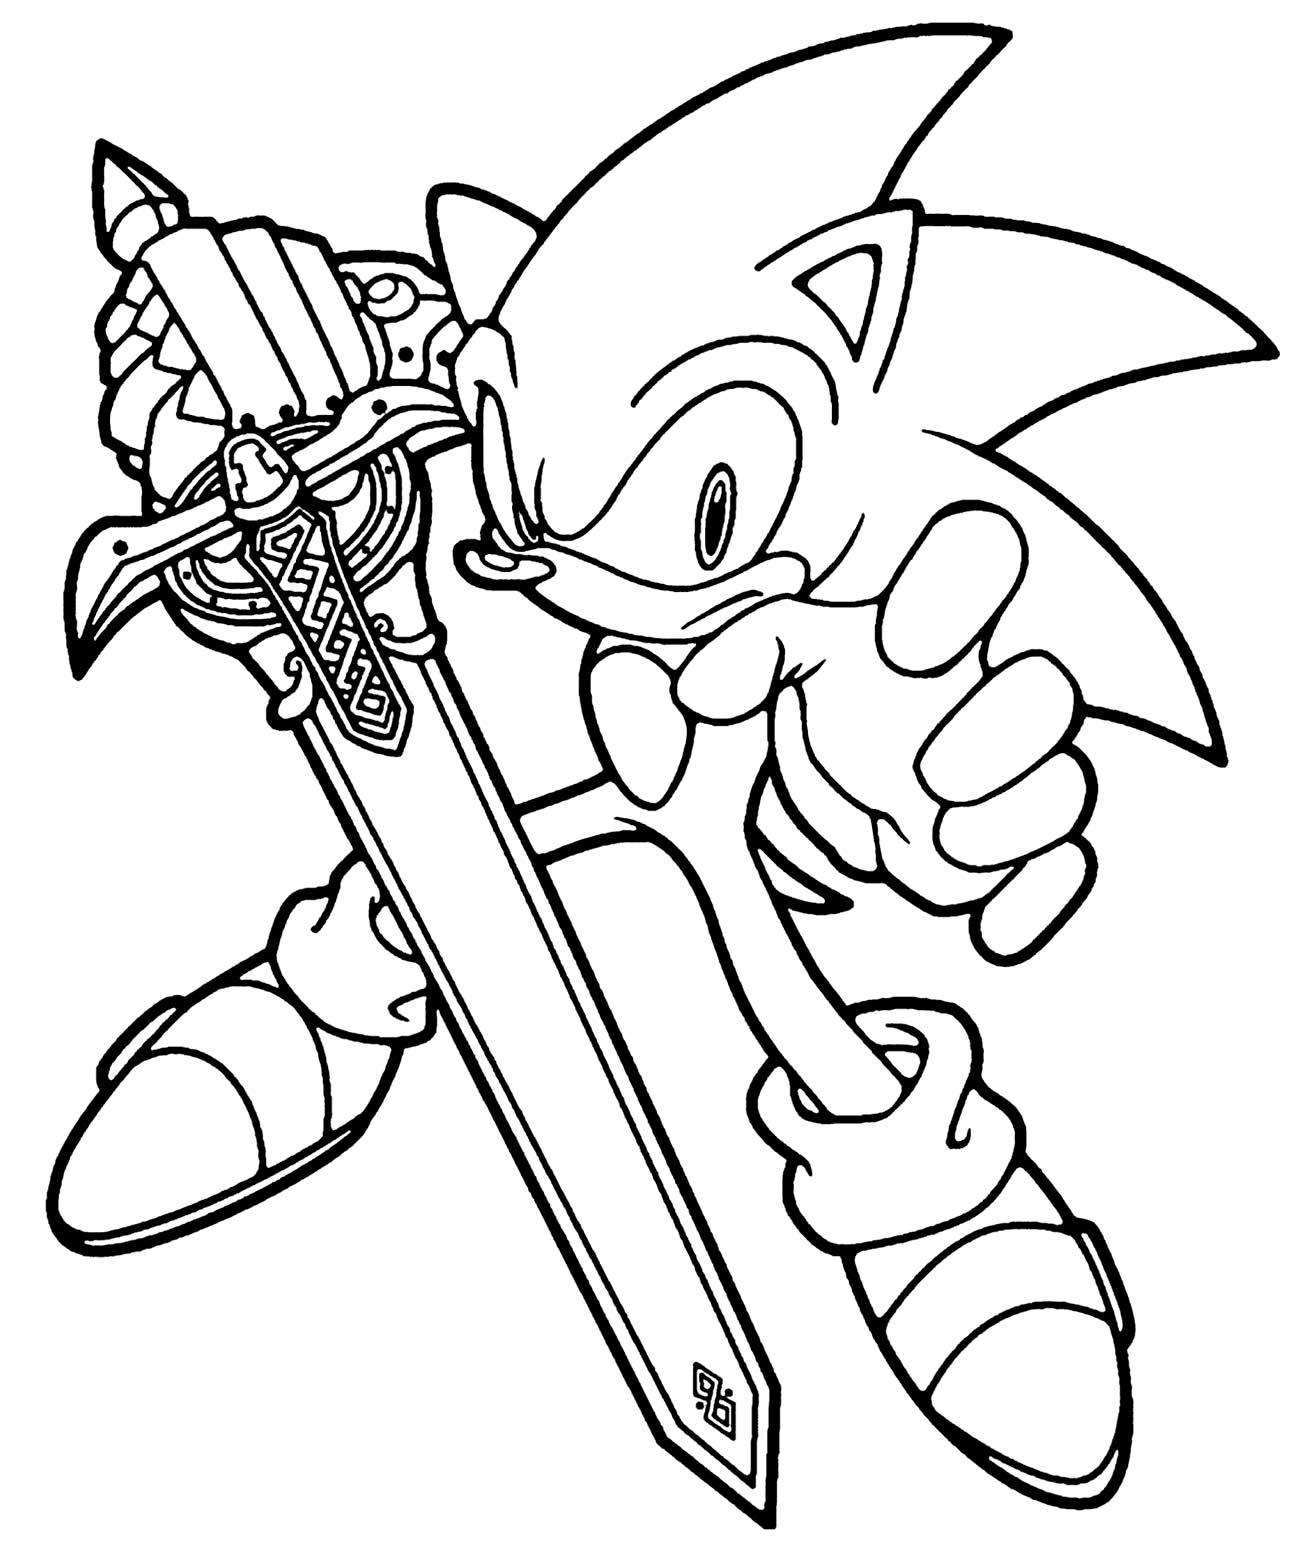 Desenho do Sonic para pintar